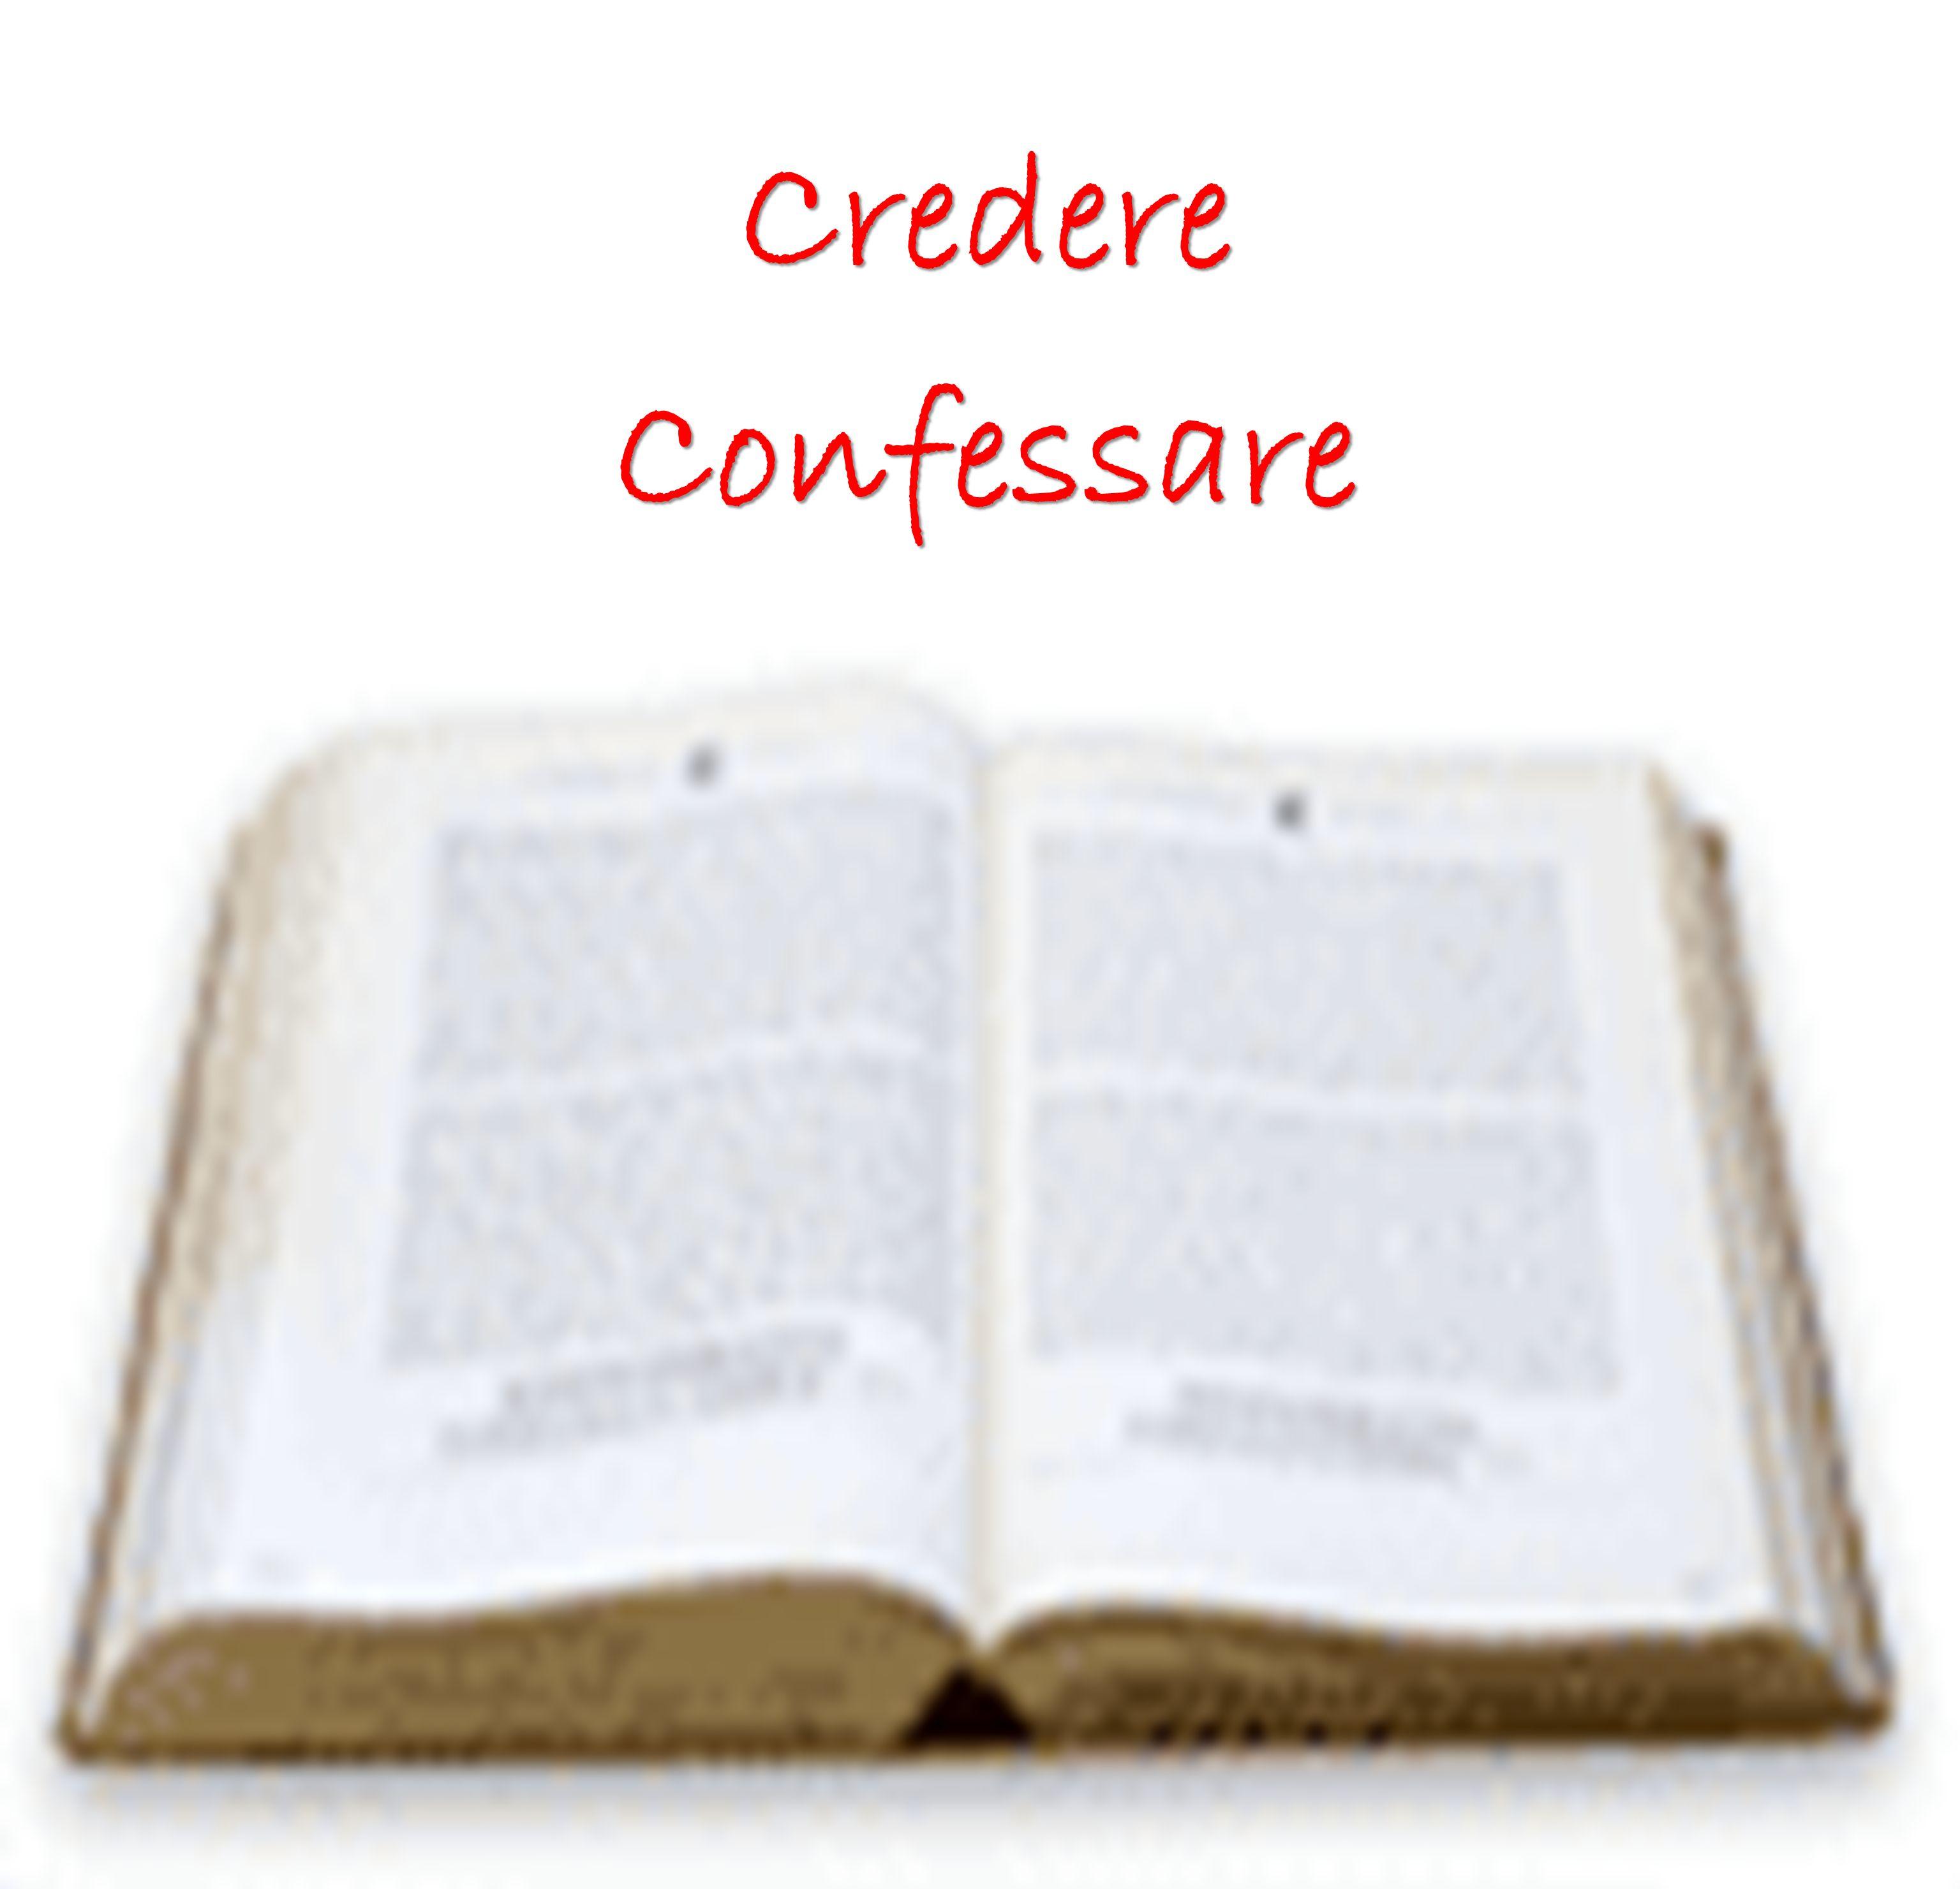 CredereConfessare